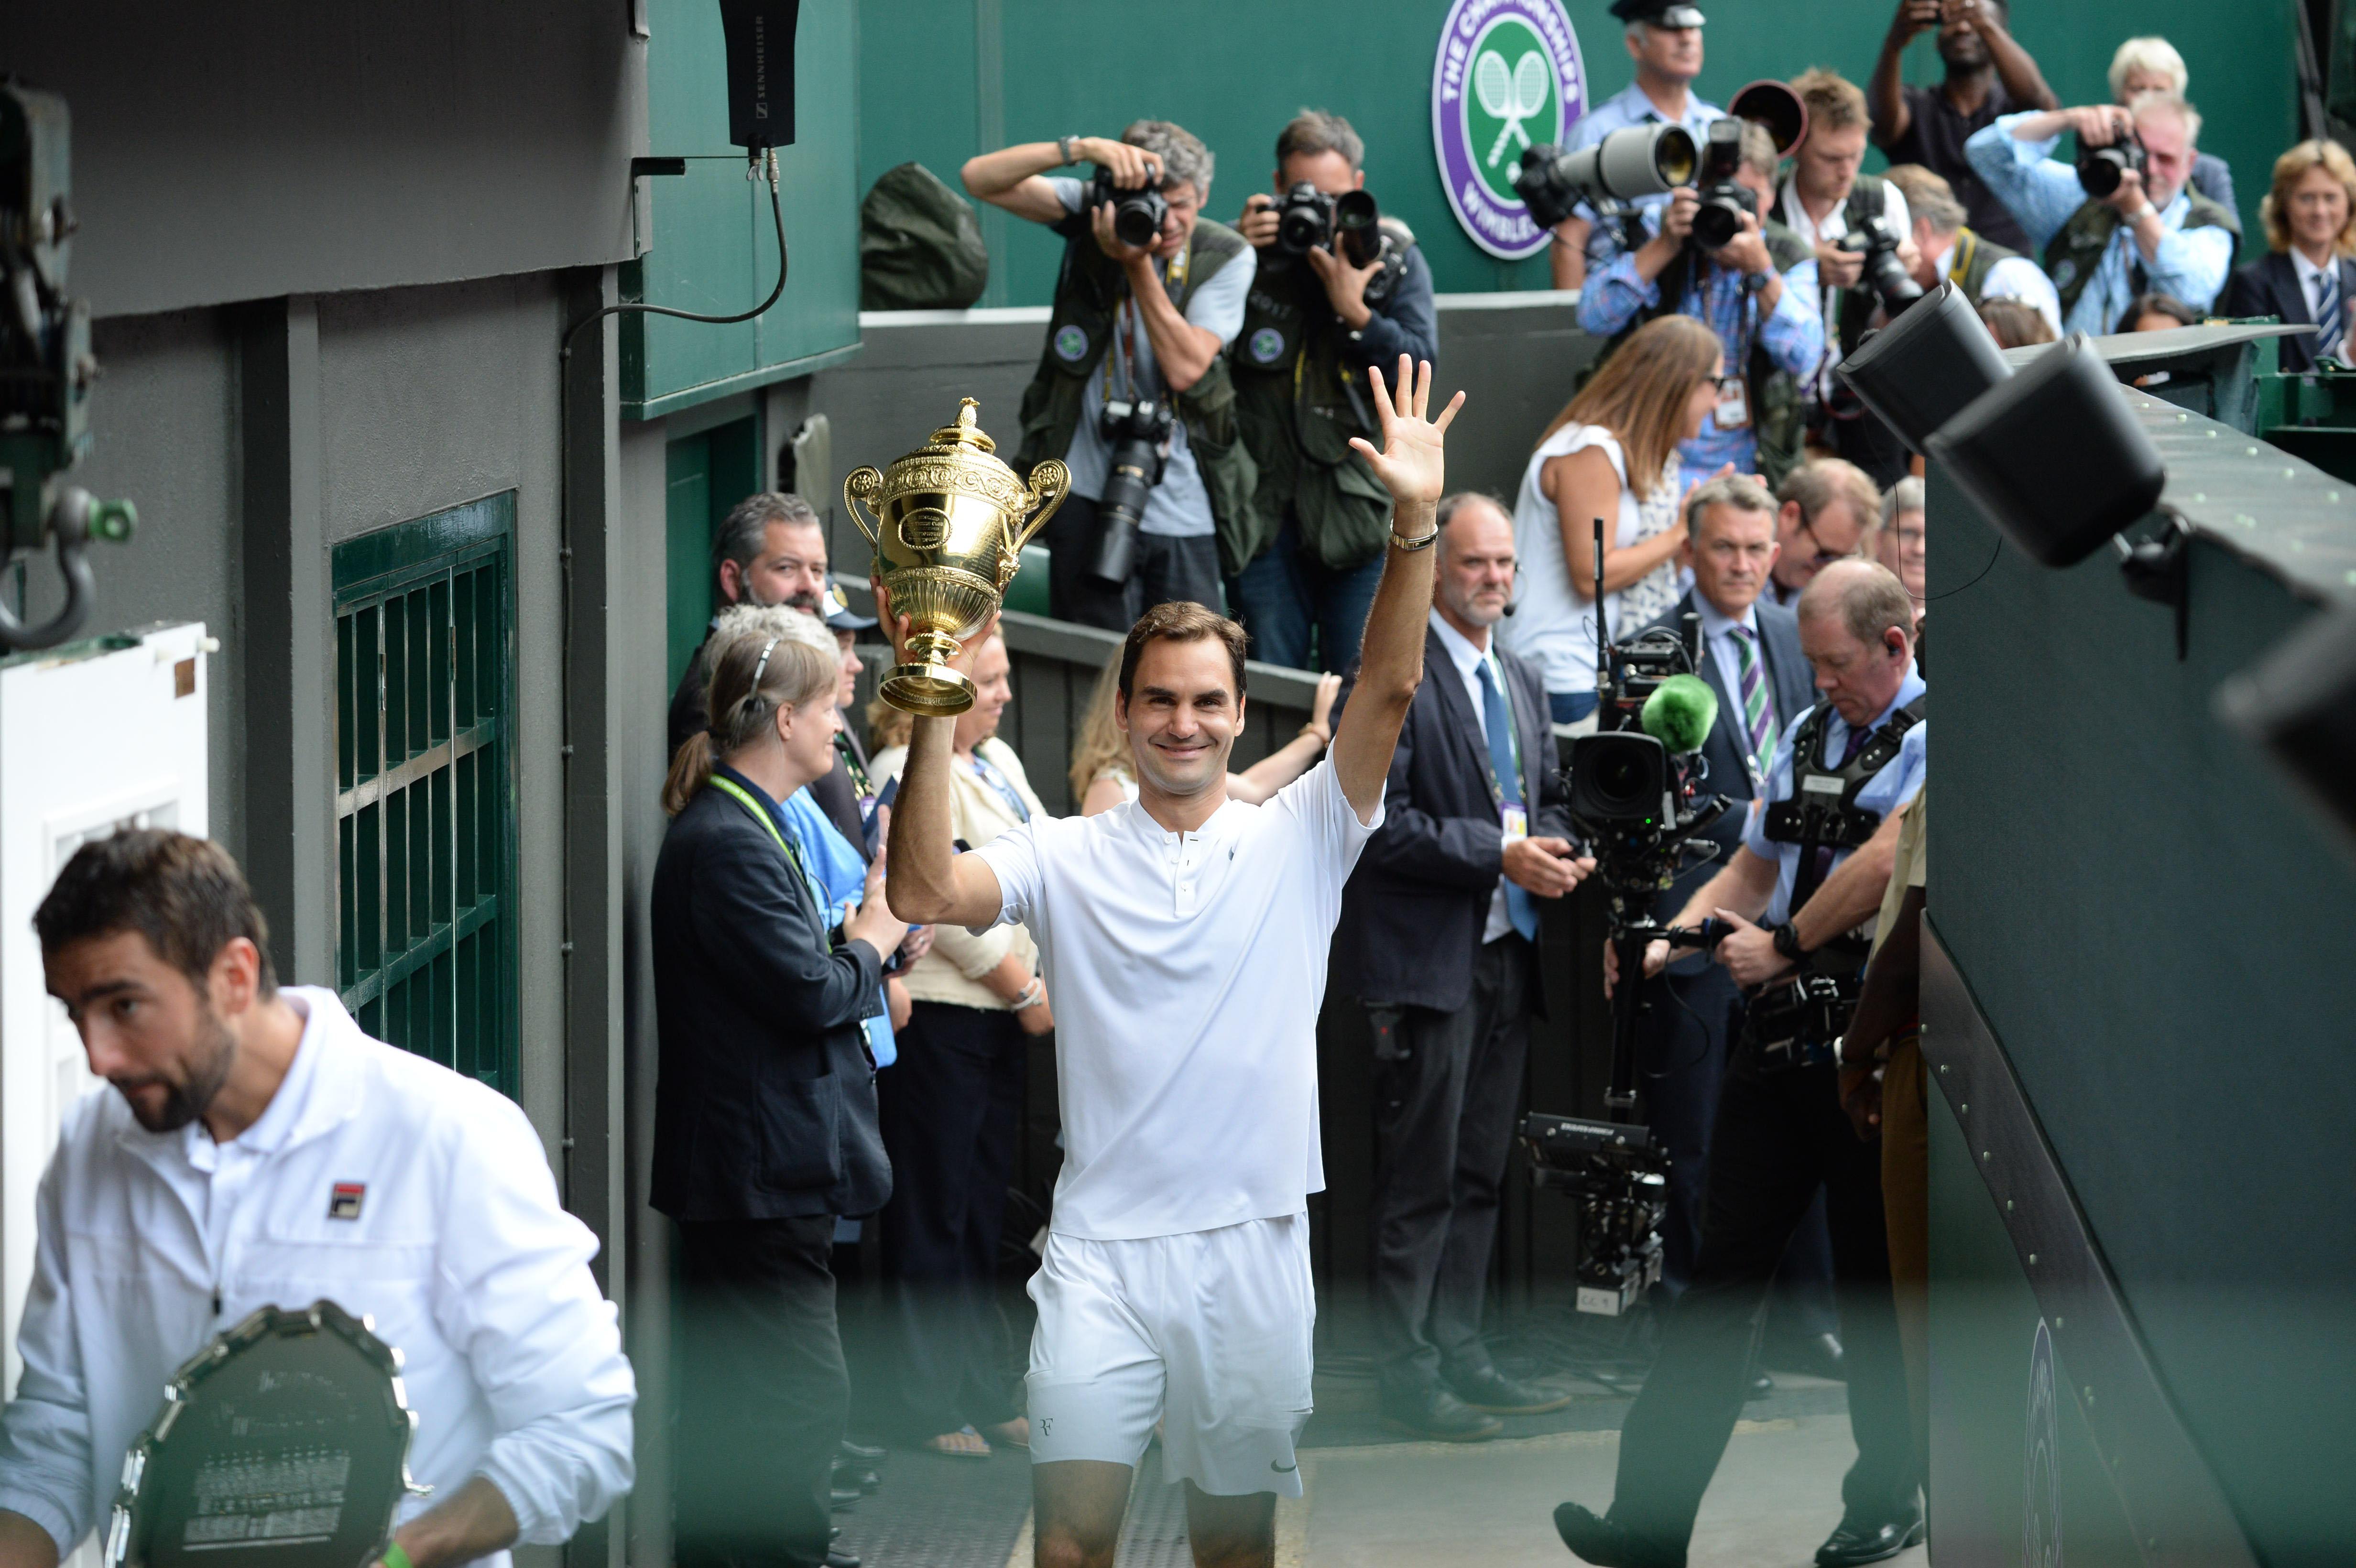 Wimbledon : Nos coups de cœur et coups de griffe de la quinzaine  - Wimbledon - Tennis